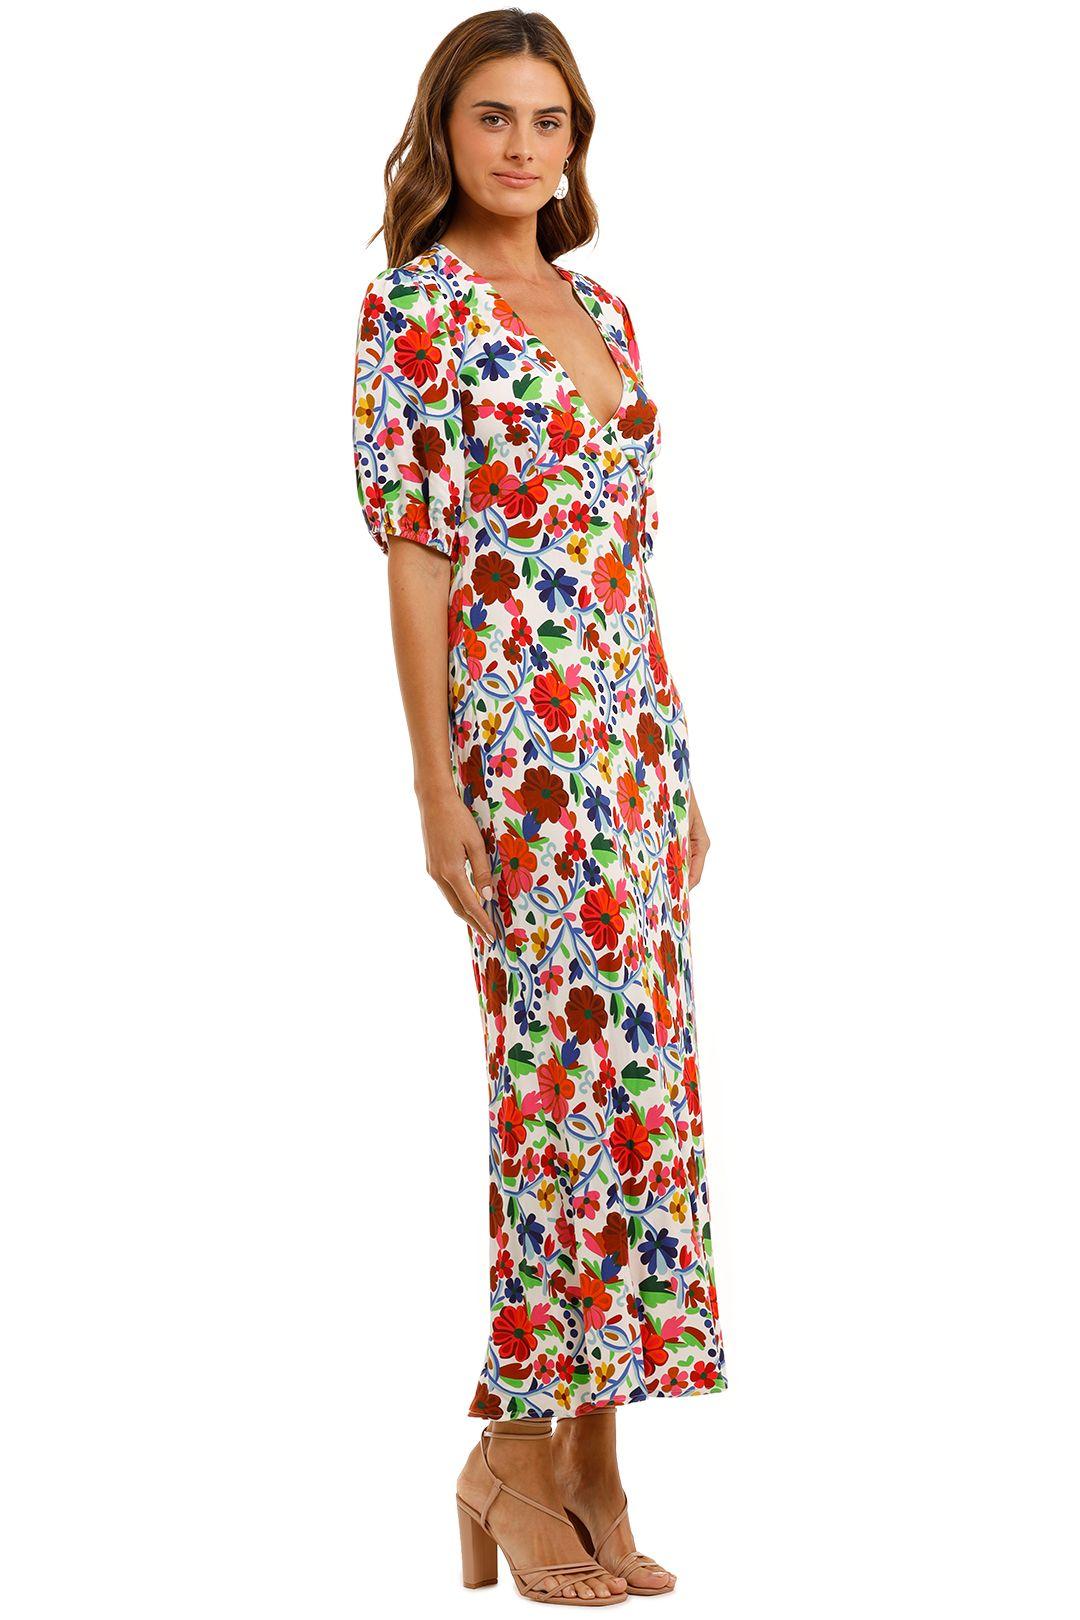 Rixo London Steph Crepe Midi Dress Floral